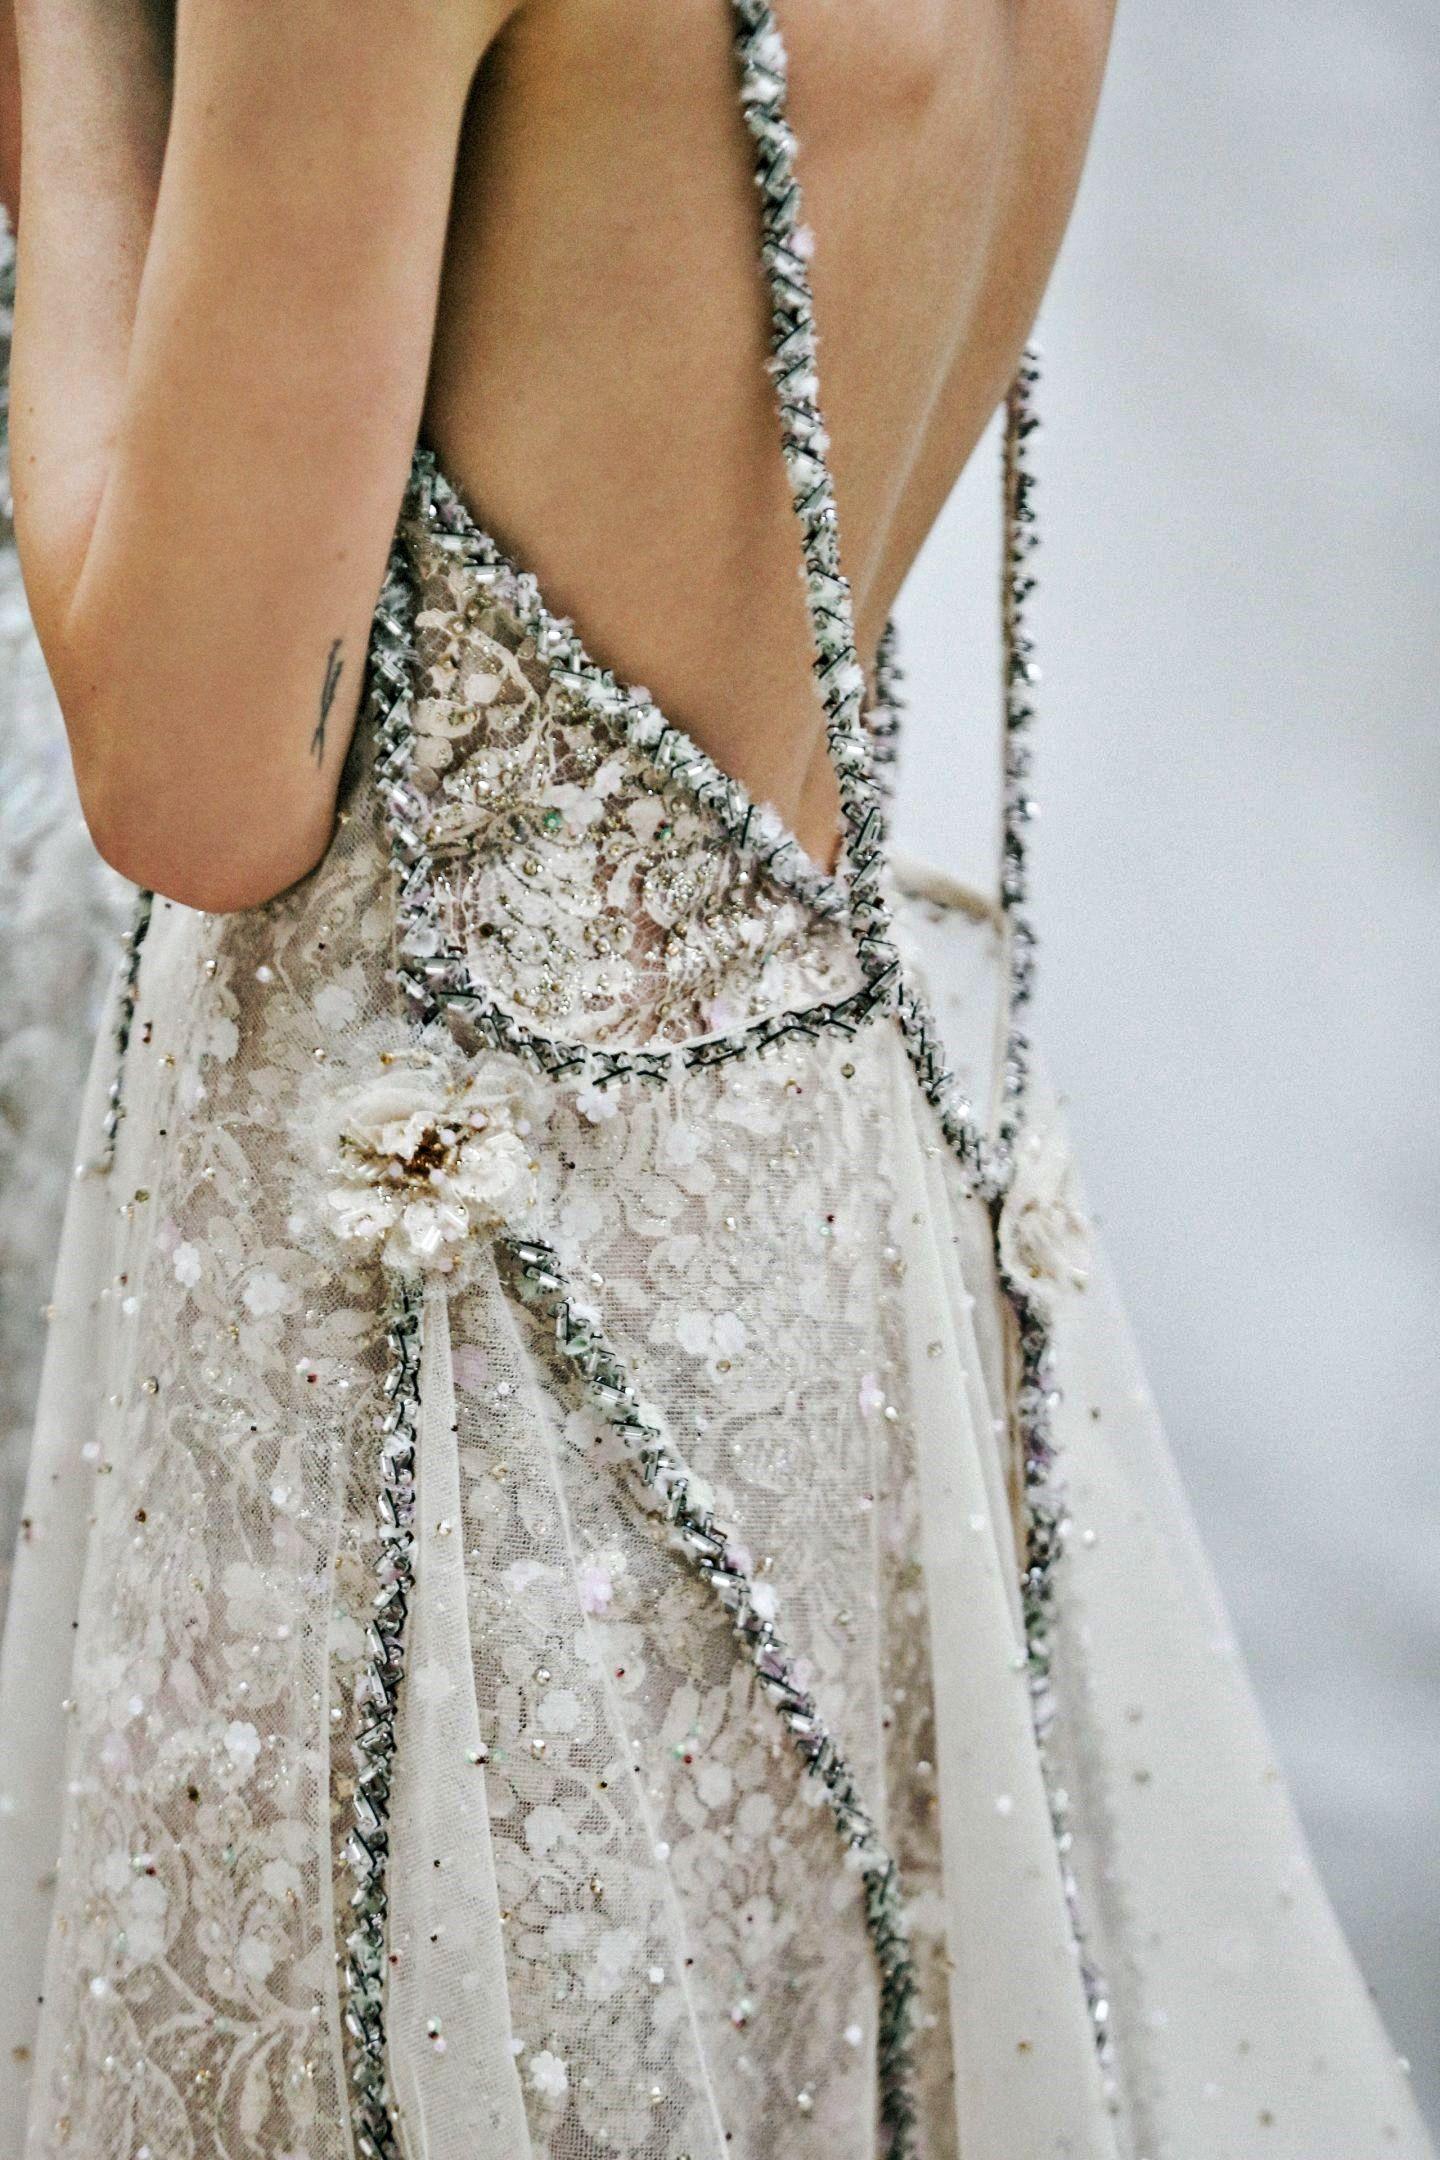 Chanel springsummer haute couture detail designer vintage